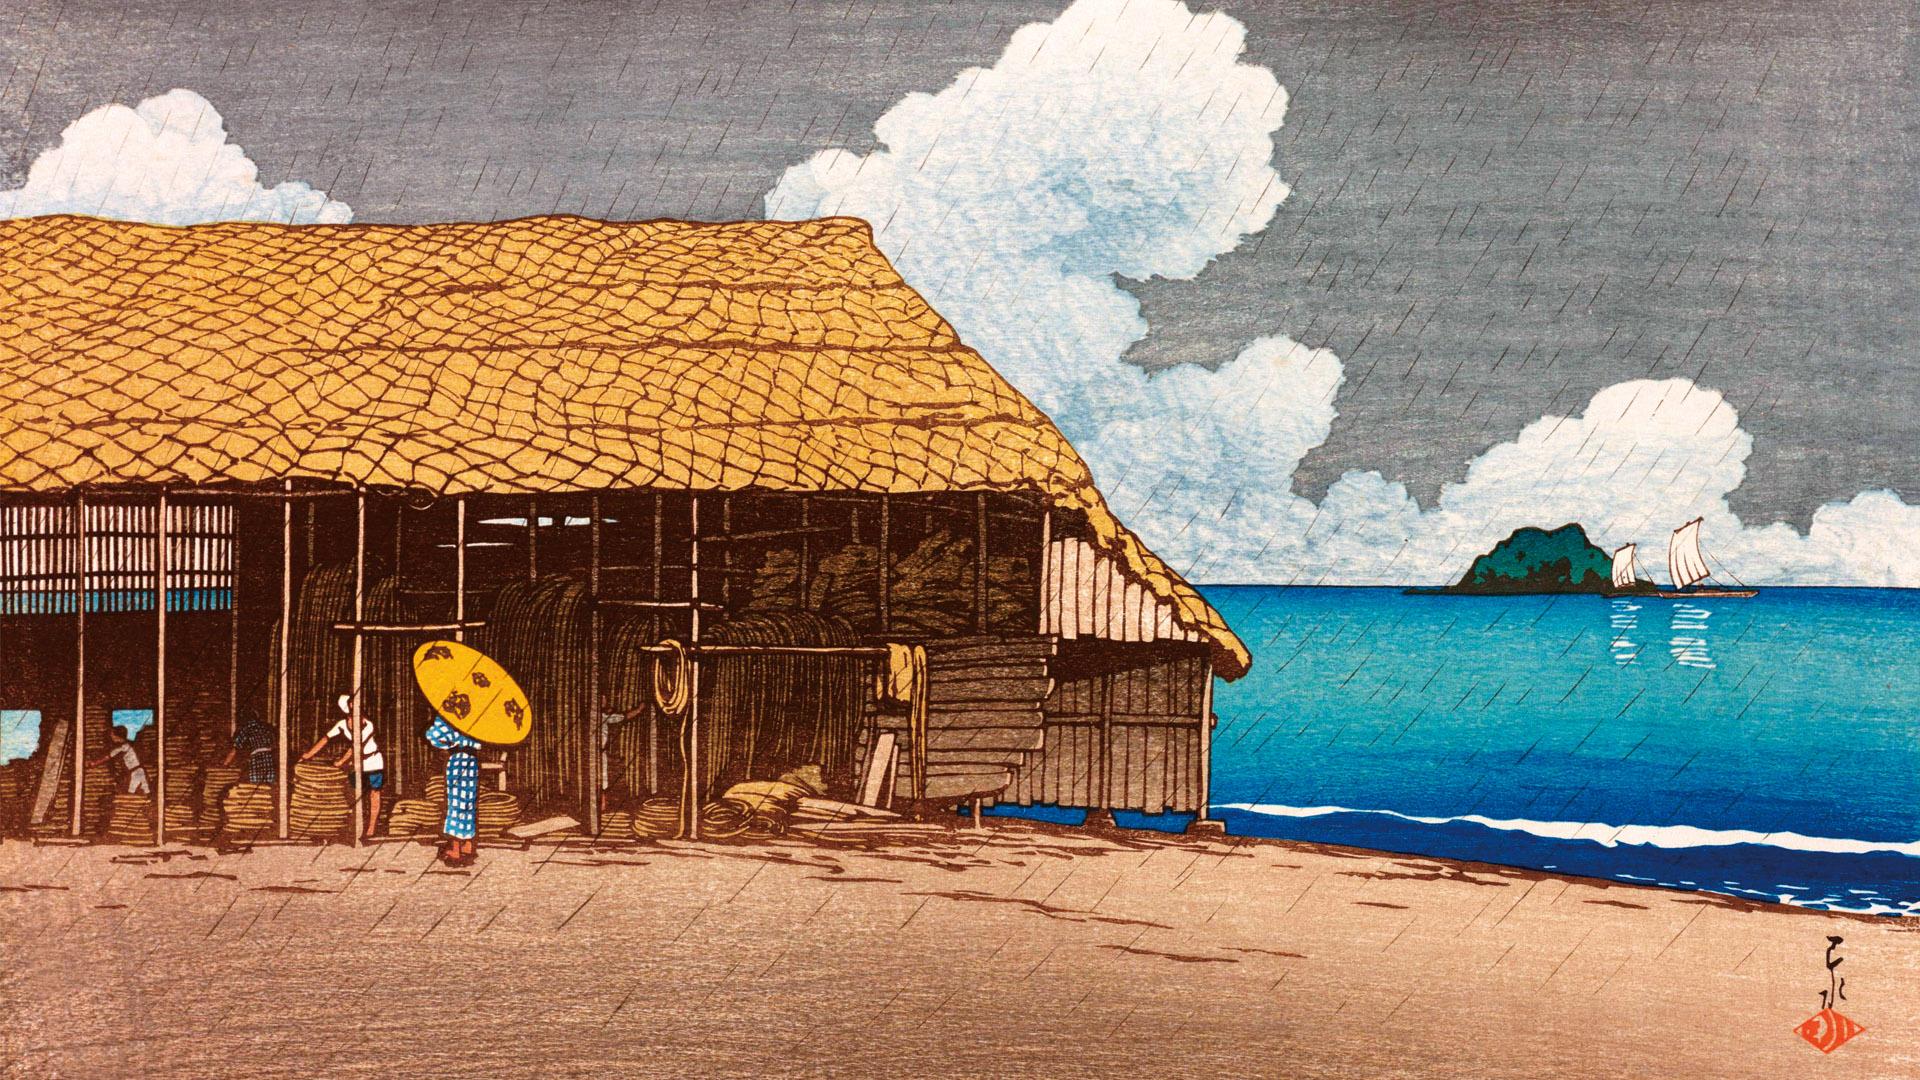 旅みやげ第二集 浜小屋 越中氷見 Kawase Hasui - tabimiyage2 hamakoya 1920x1080